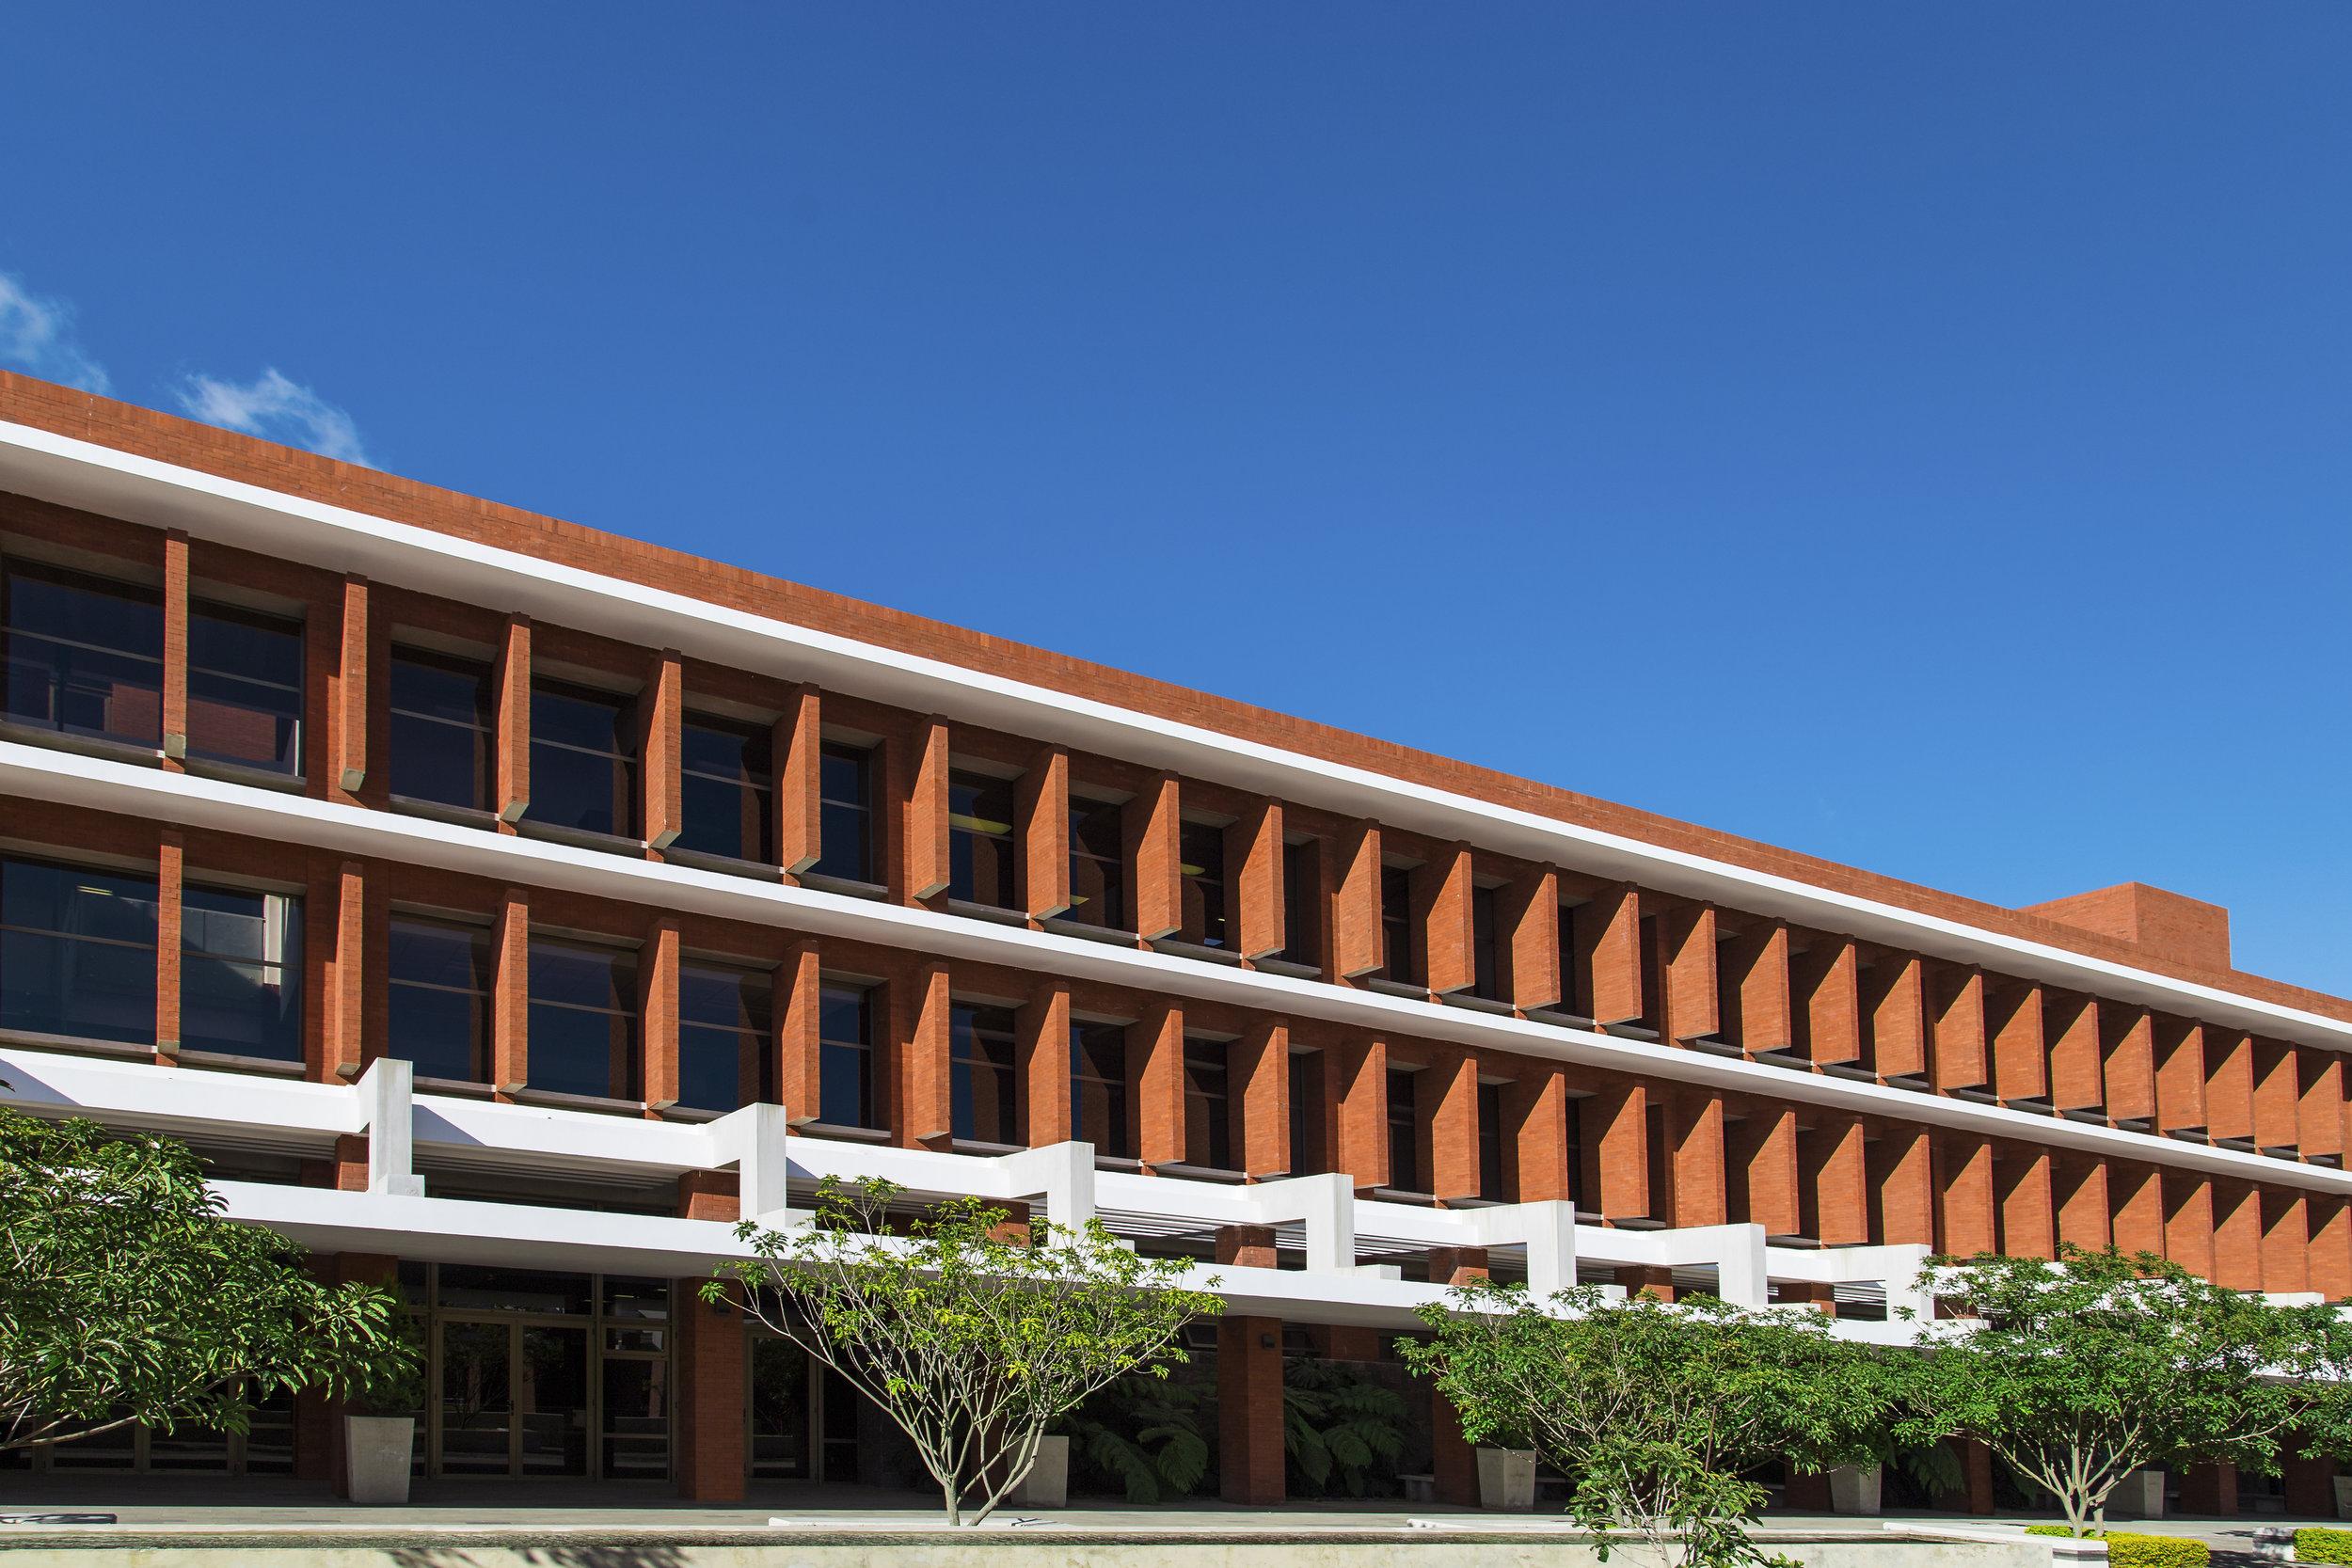 DETALLITO – Edificio B 2.jpg